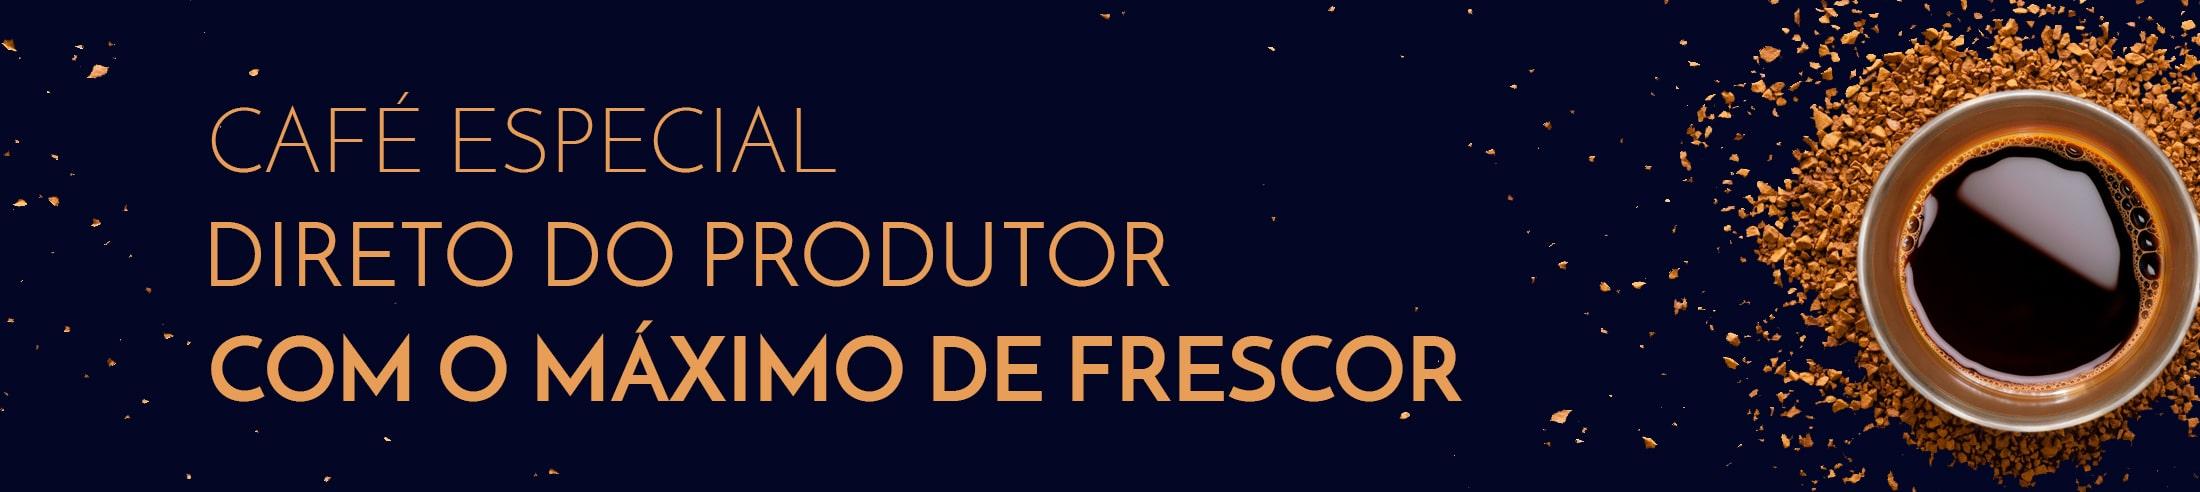 Banner Home MelhorCafé.com